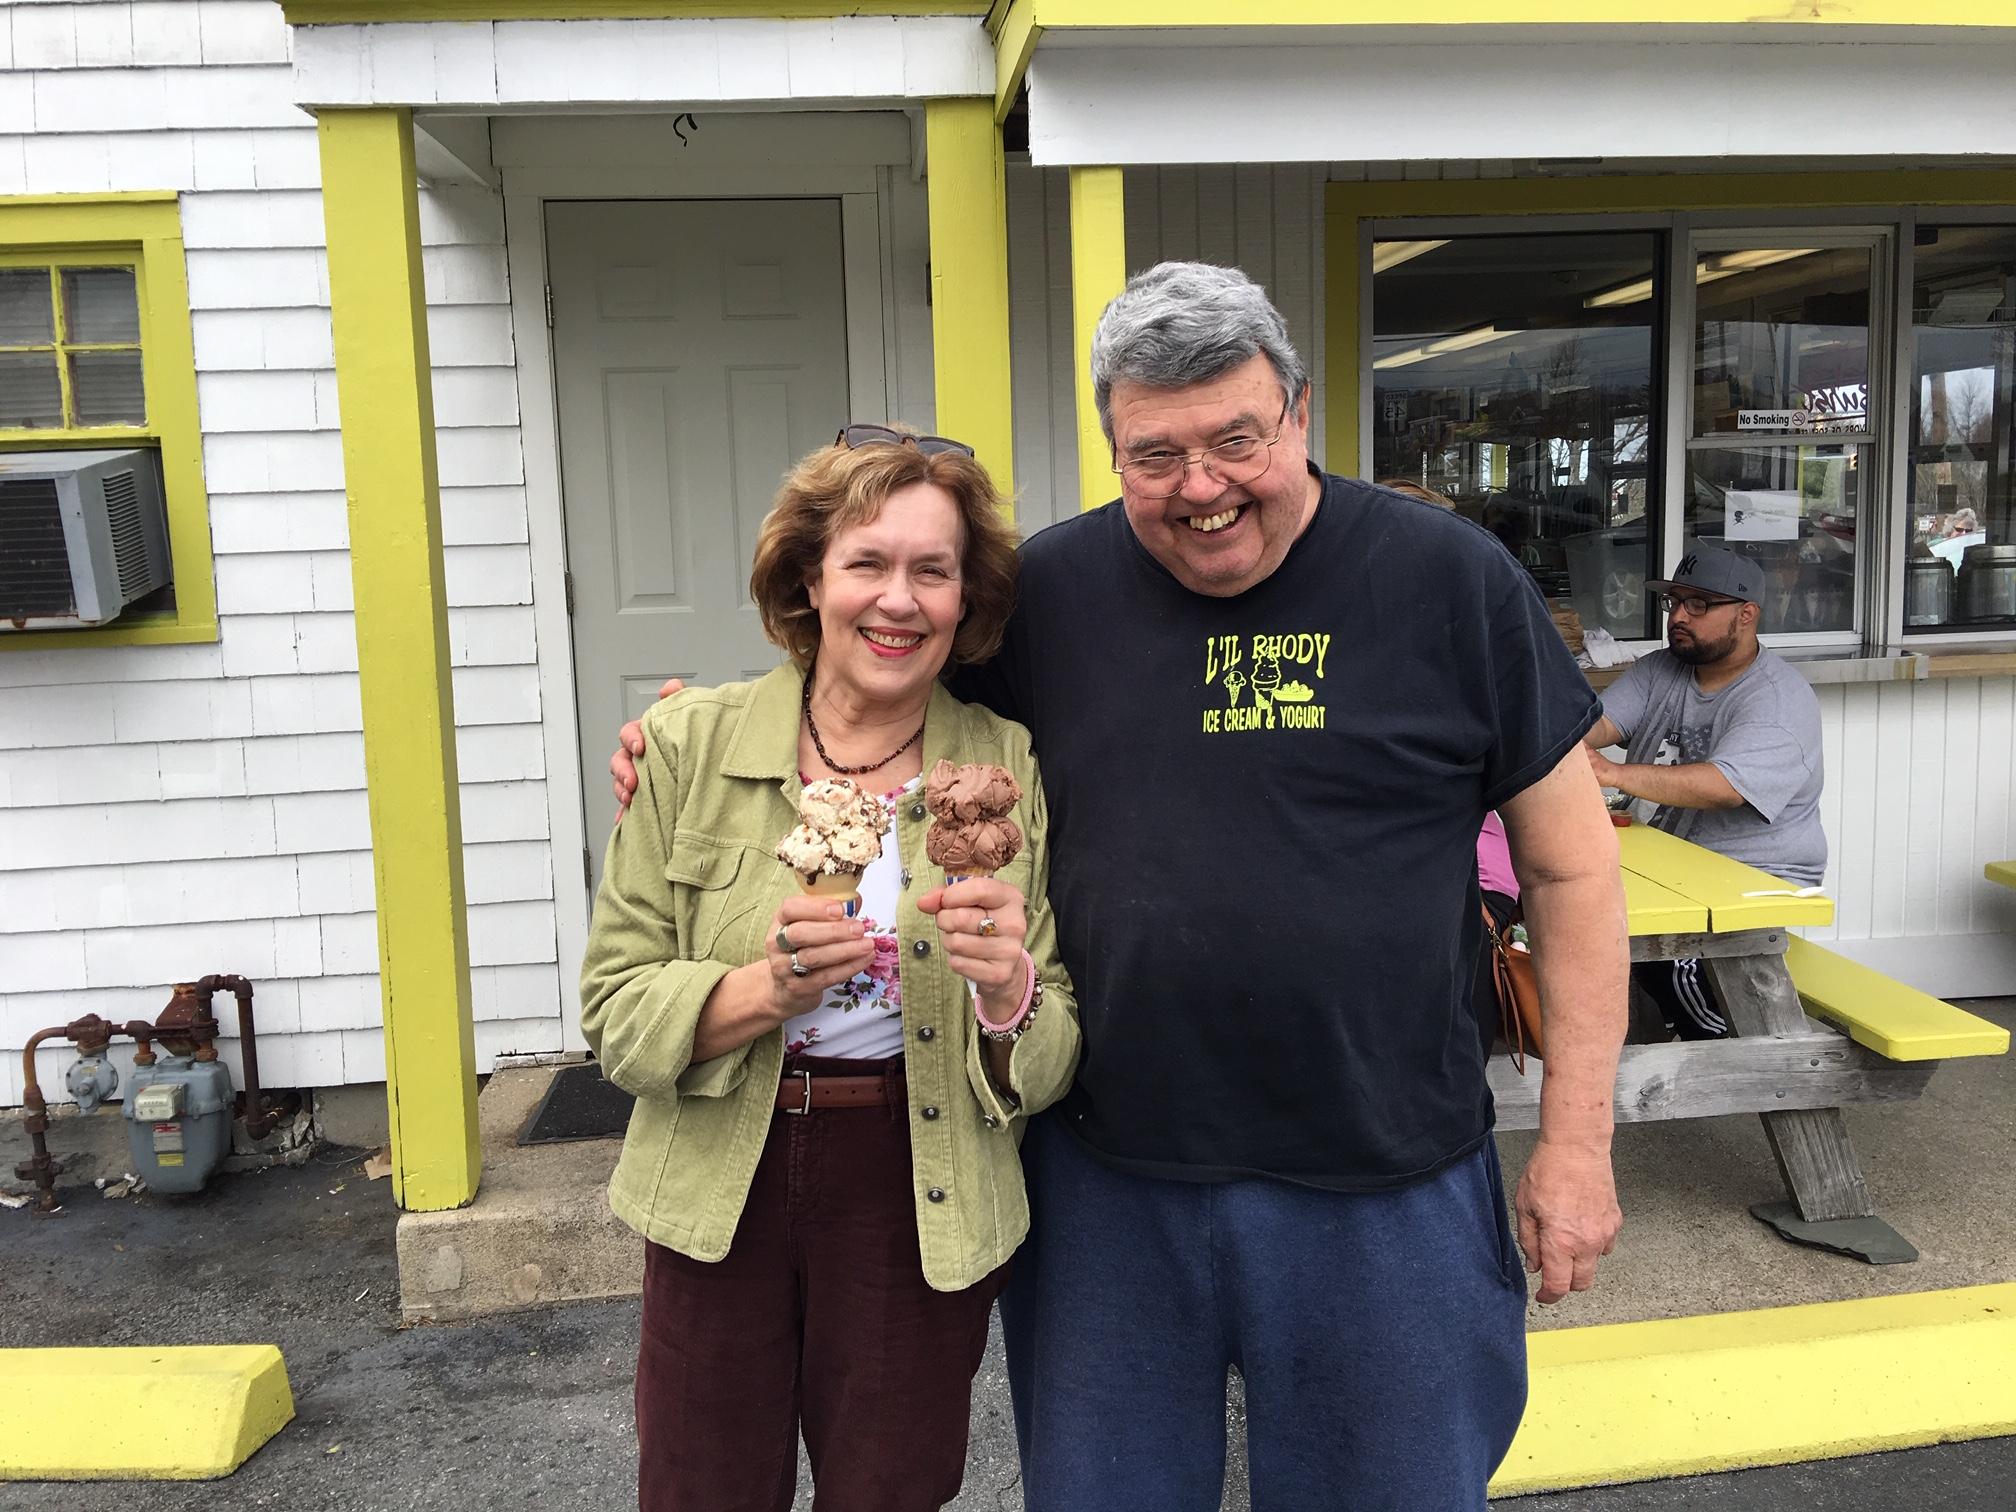 Lorraine & cousin Bill at his ice cream shop, April, 2019 RI